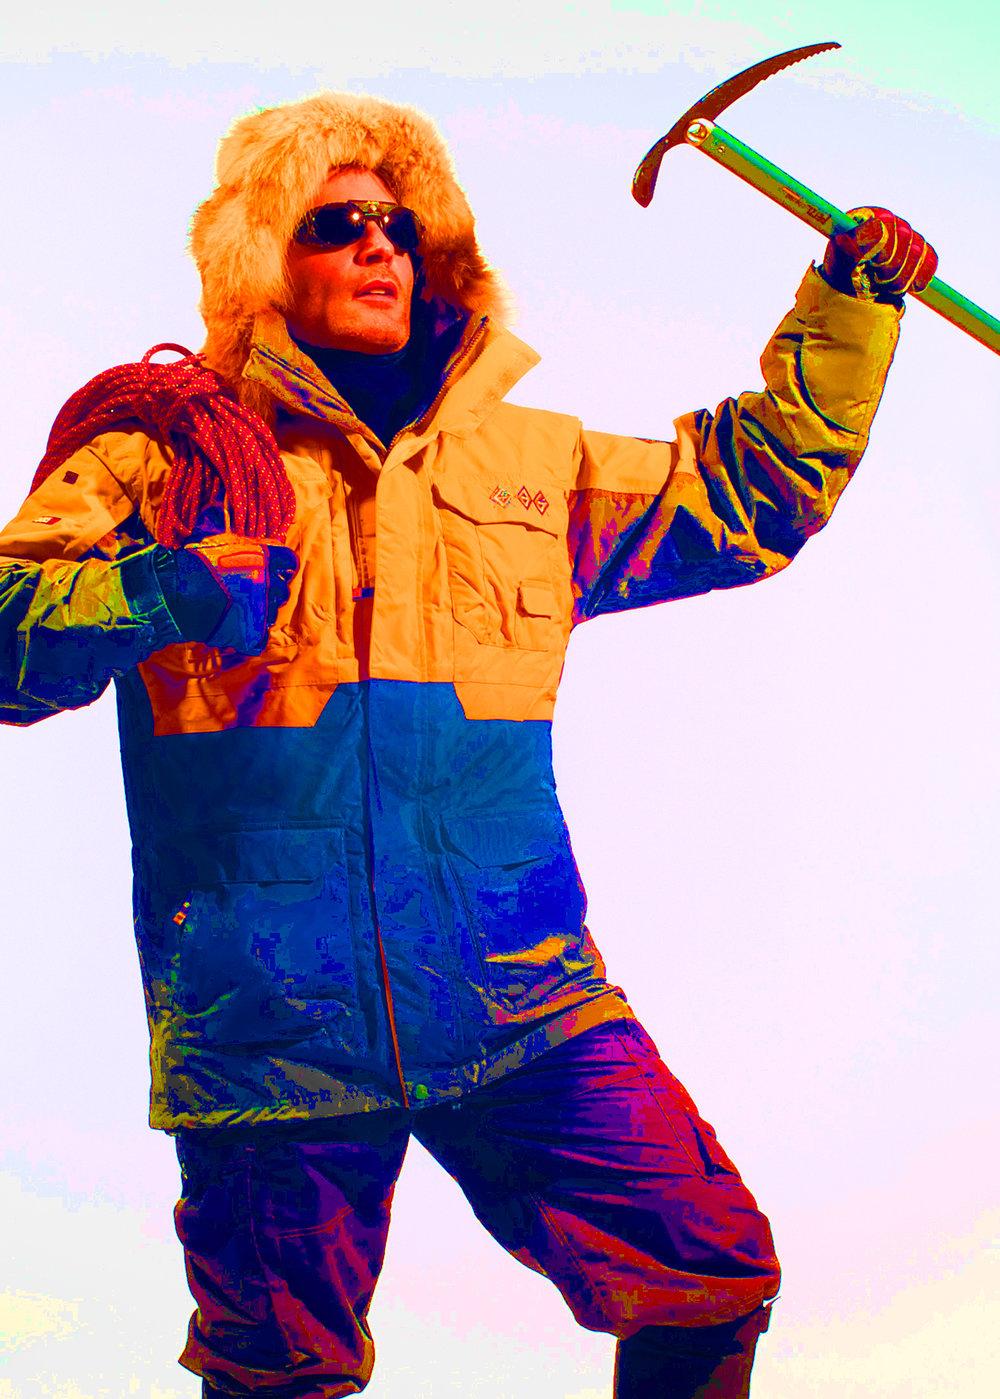 snowclimber2jpg.jpg